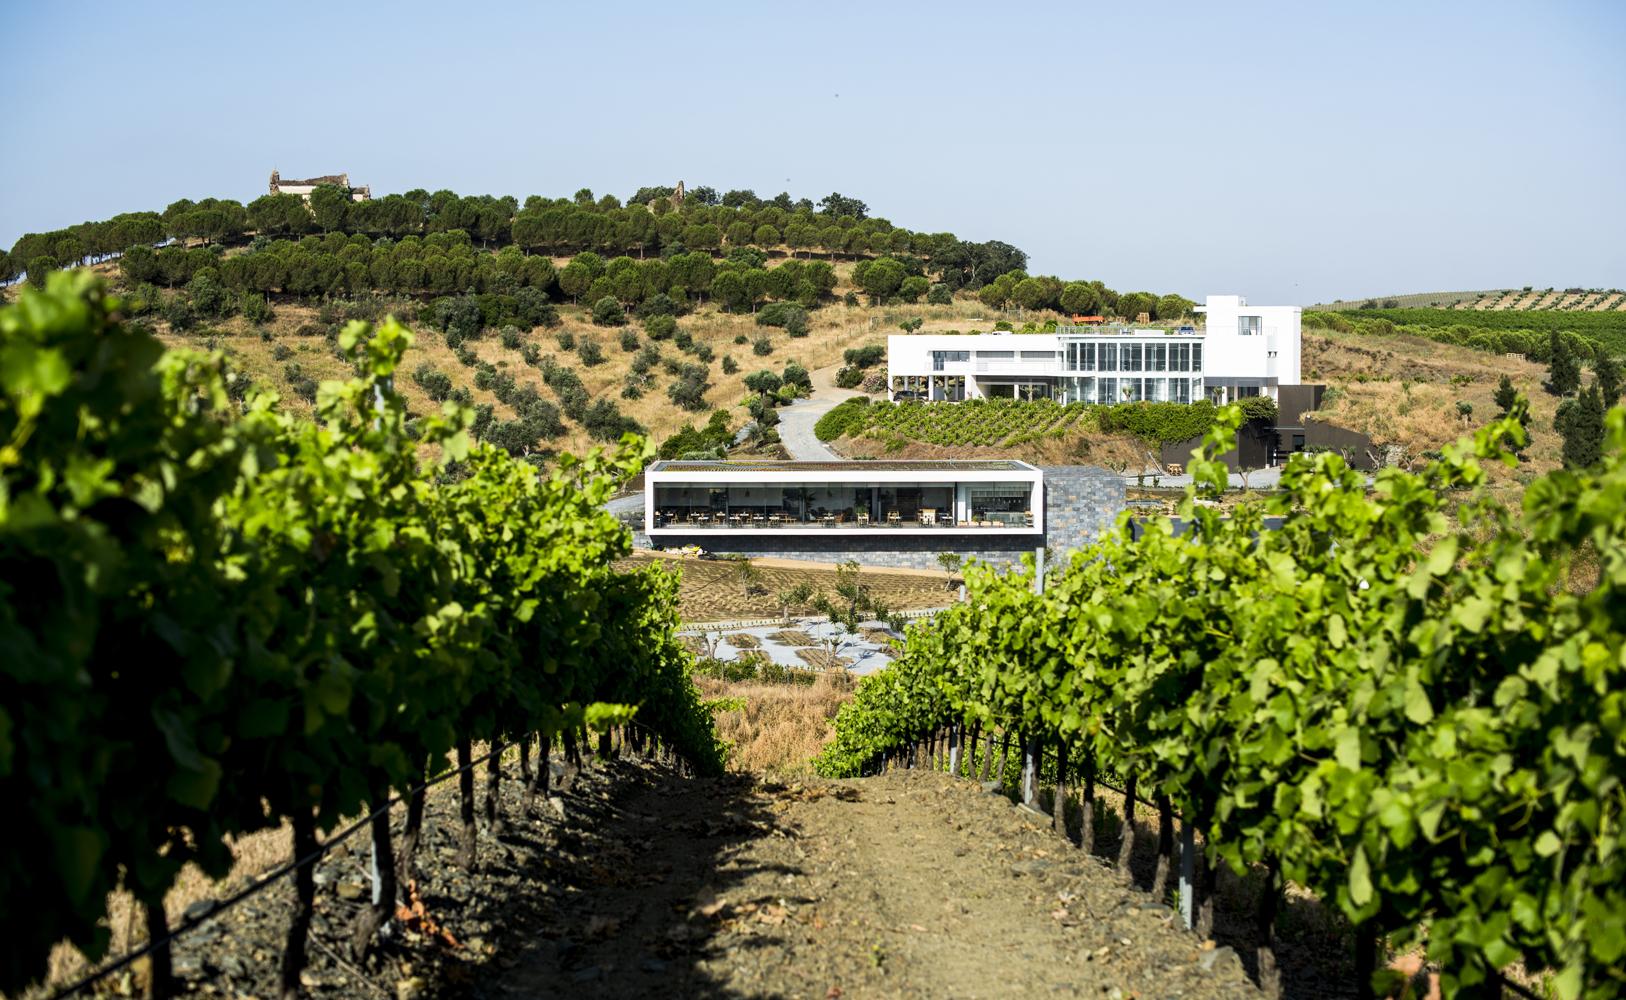 voyage-portugal-alentejo_GONCALO-VILLAVERDE_complexe-vinicole-de-Herdade-do-Esporao